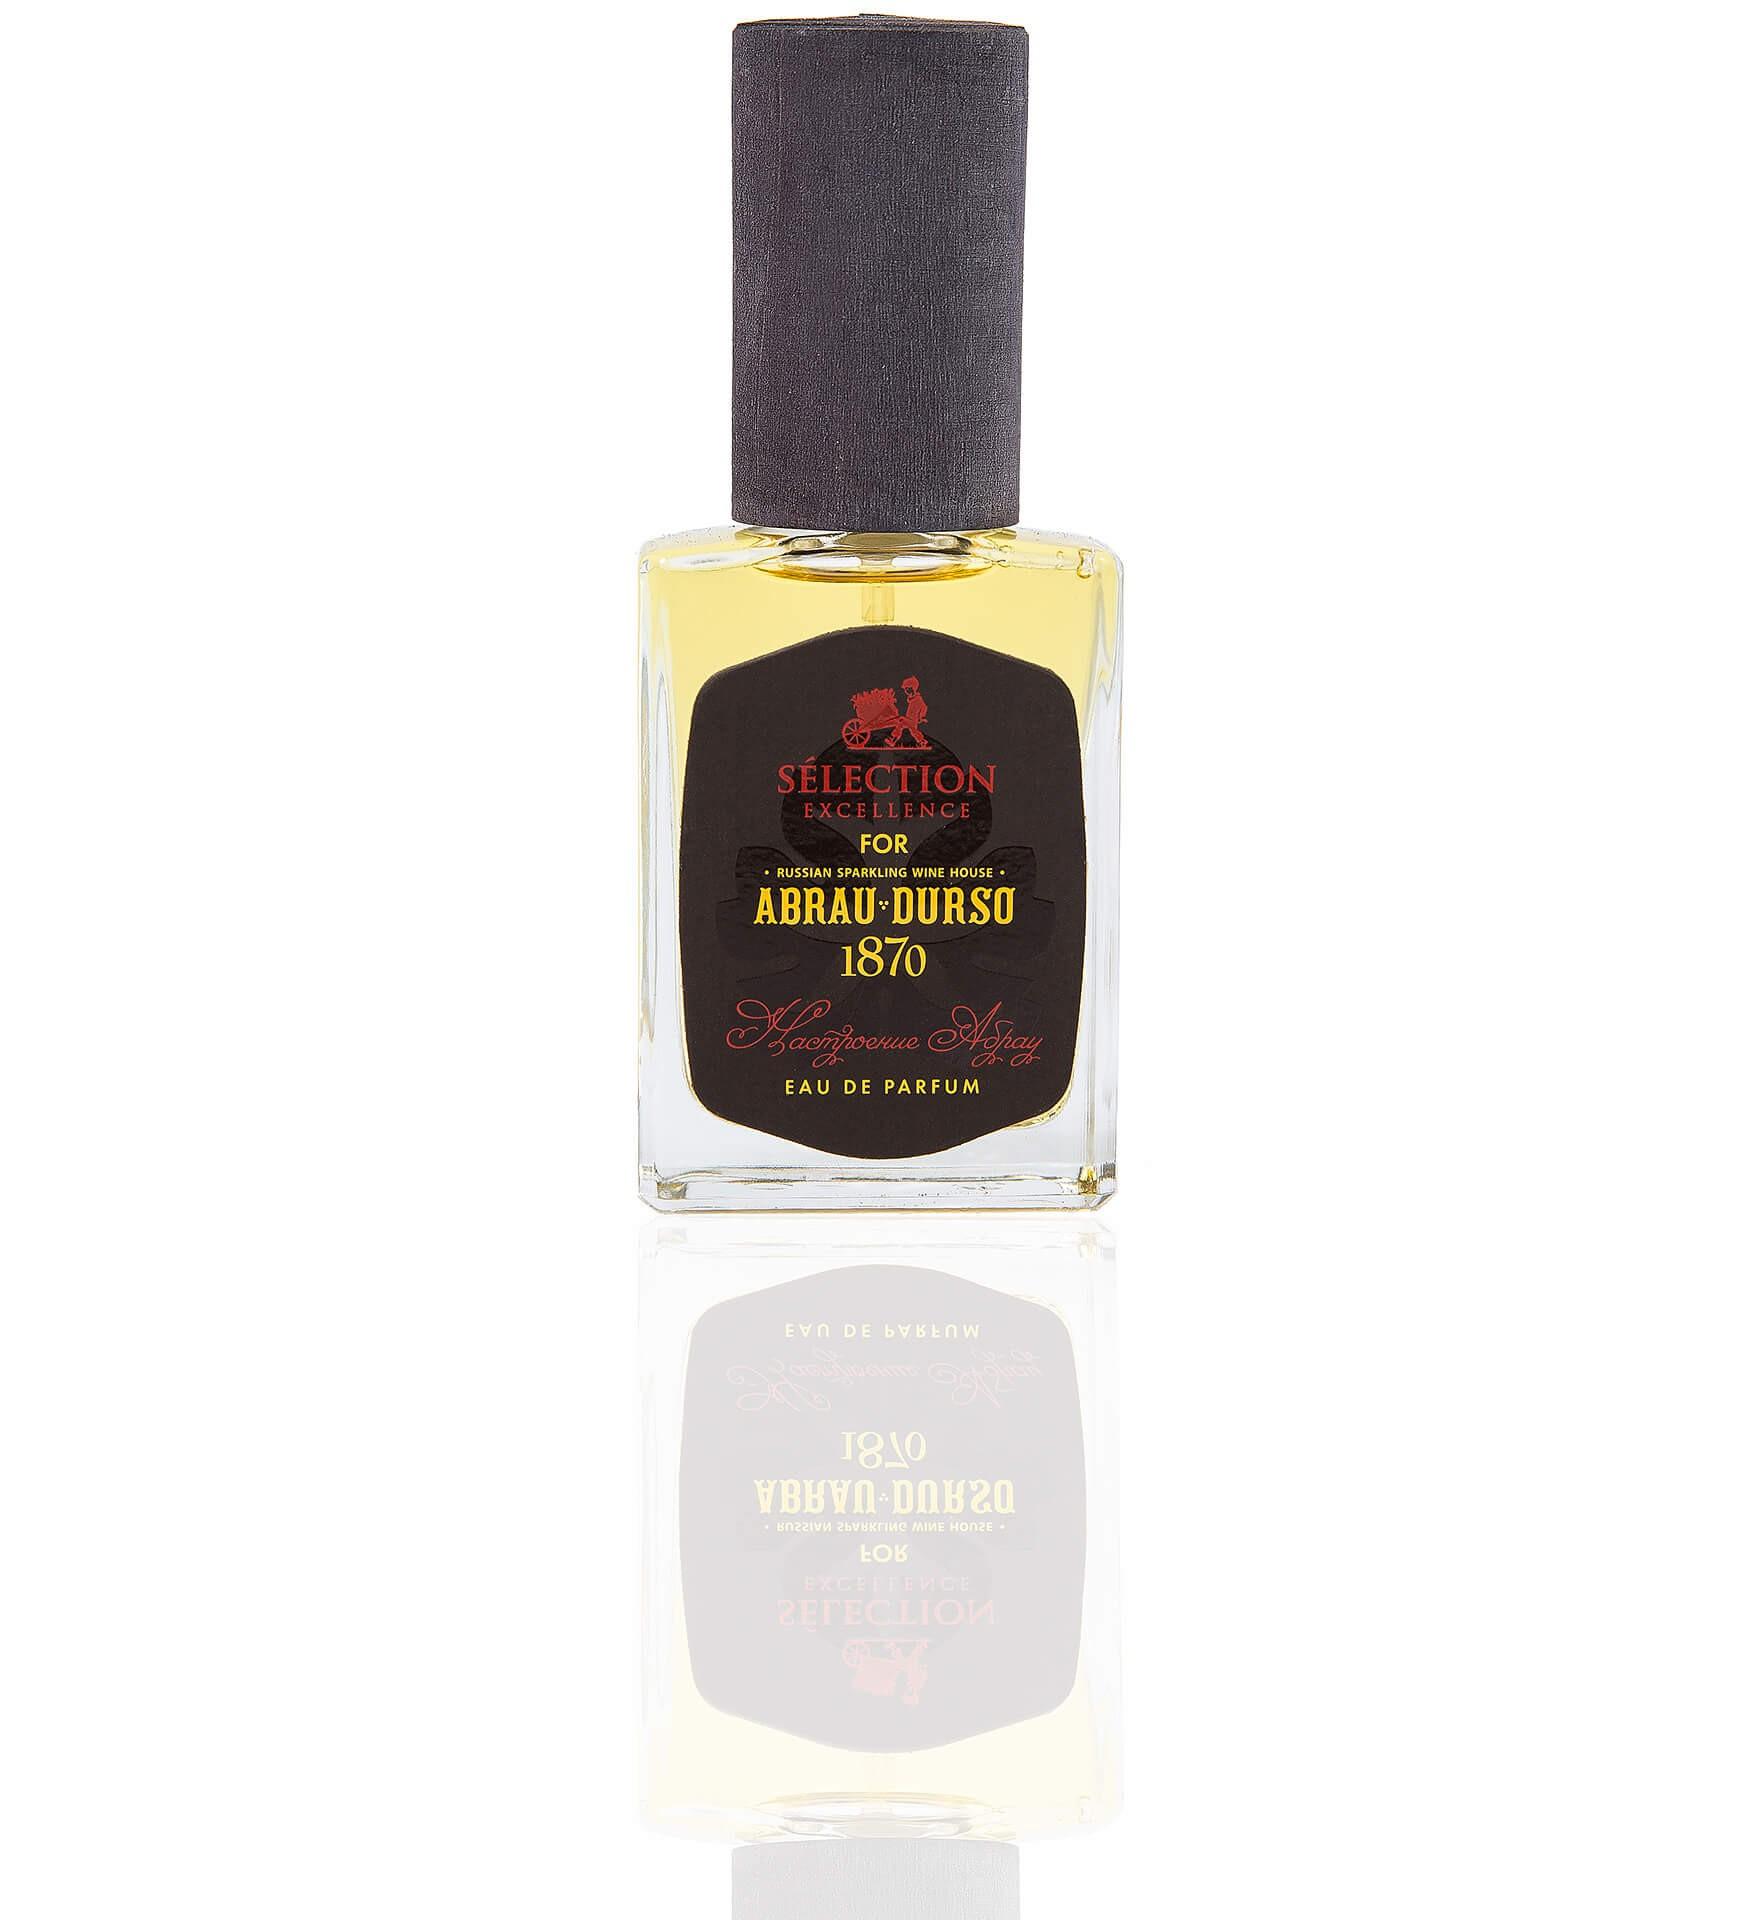 Духи со вкусом бергамота и померанеца Настроение Абрау от Selection Excellence